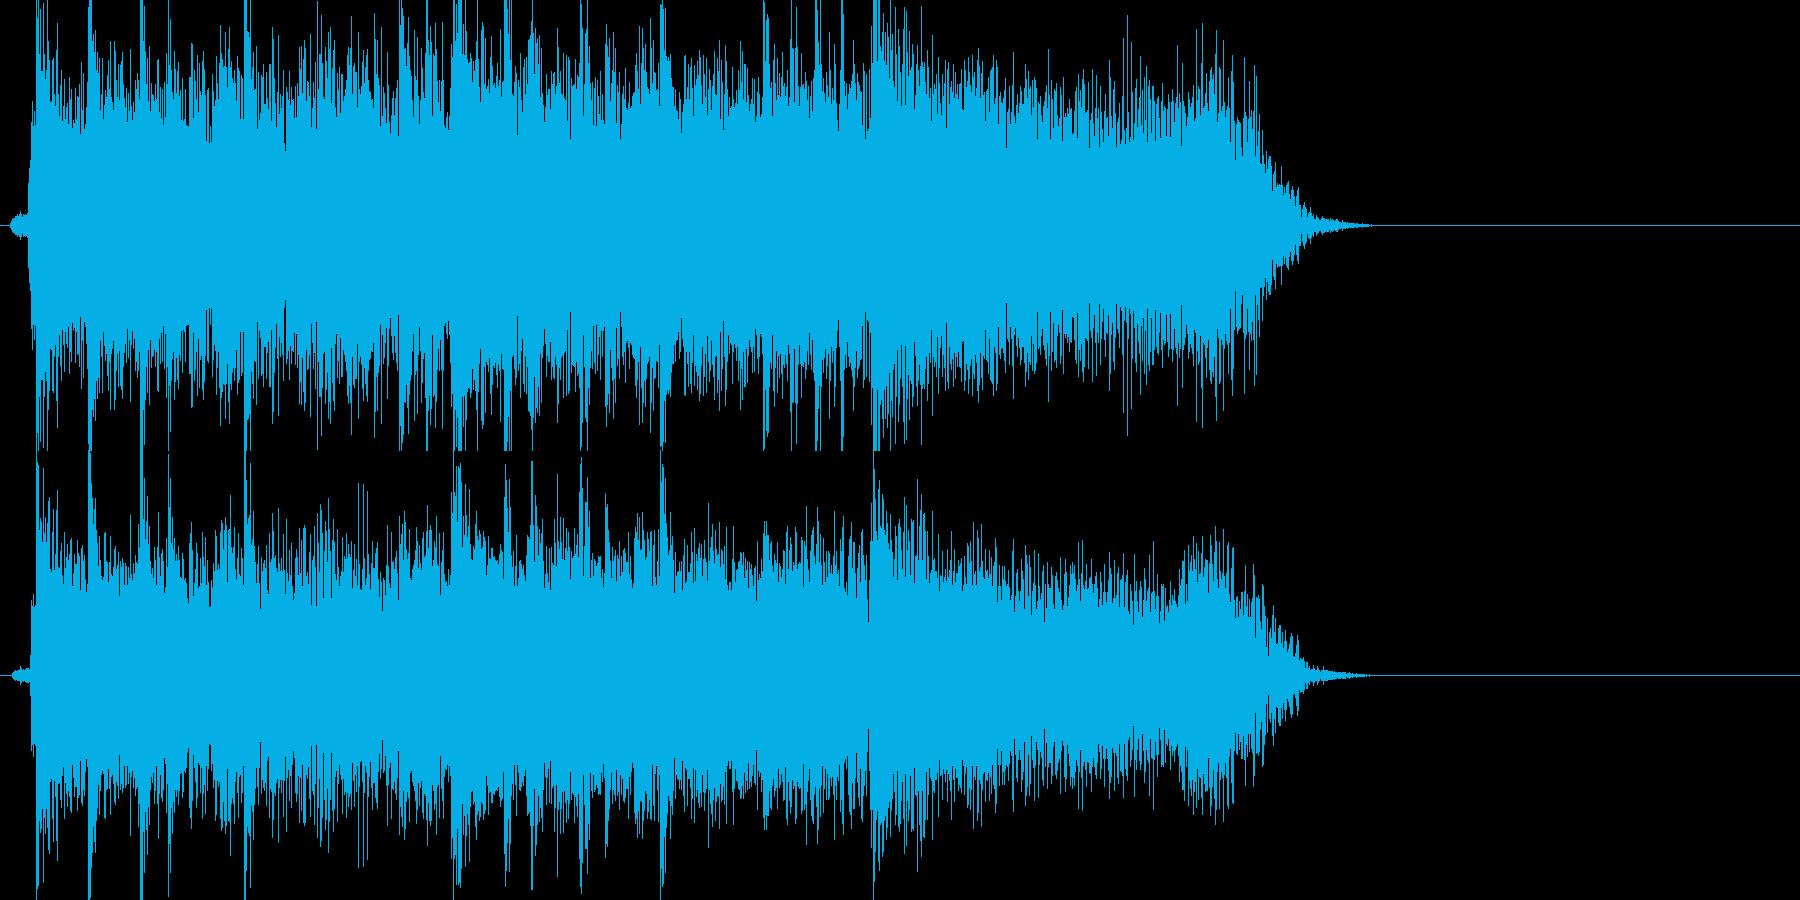 激しいギターロックジングルの再生済みの波形